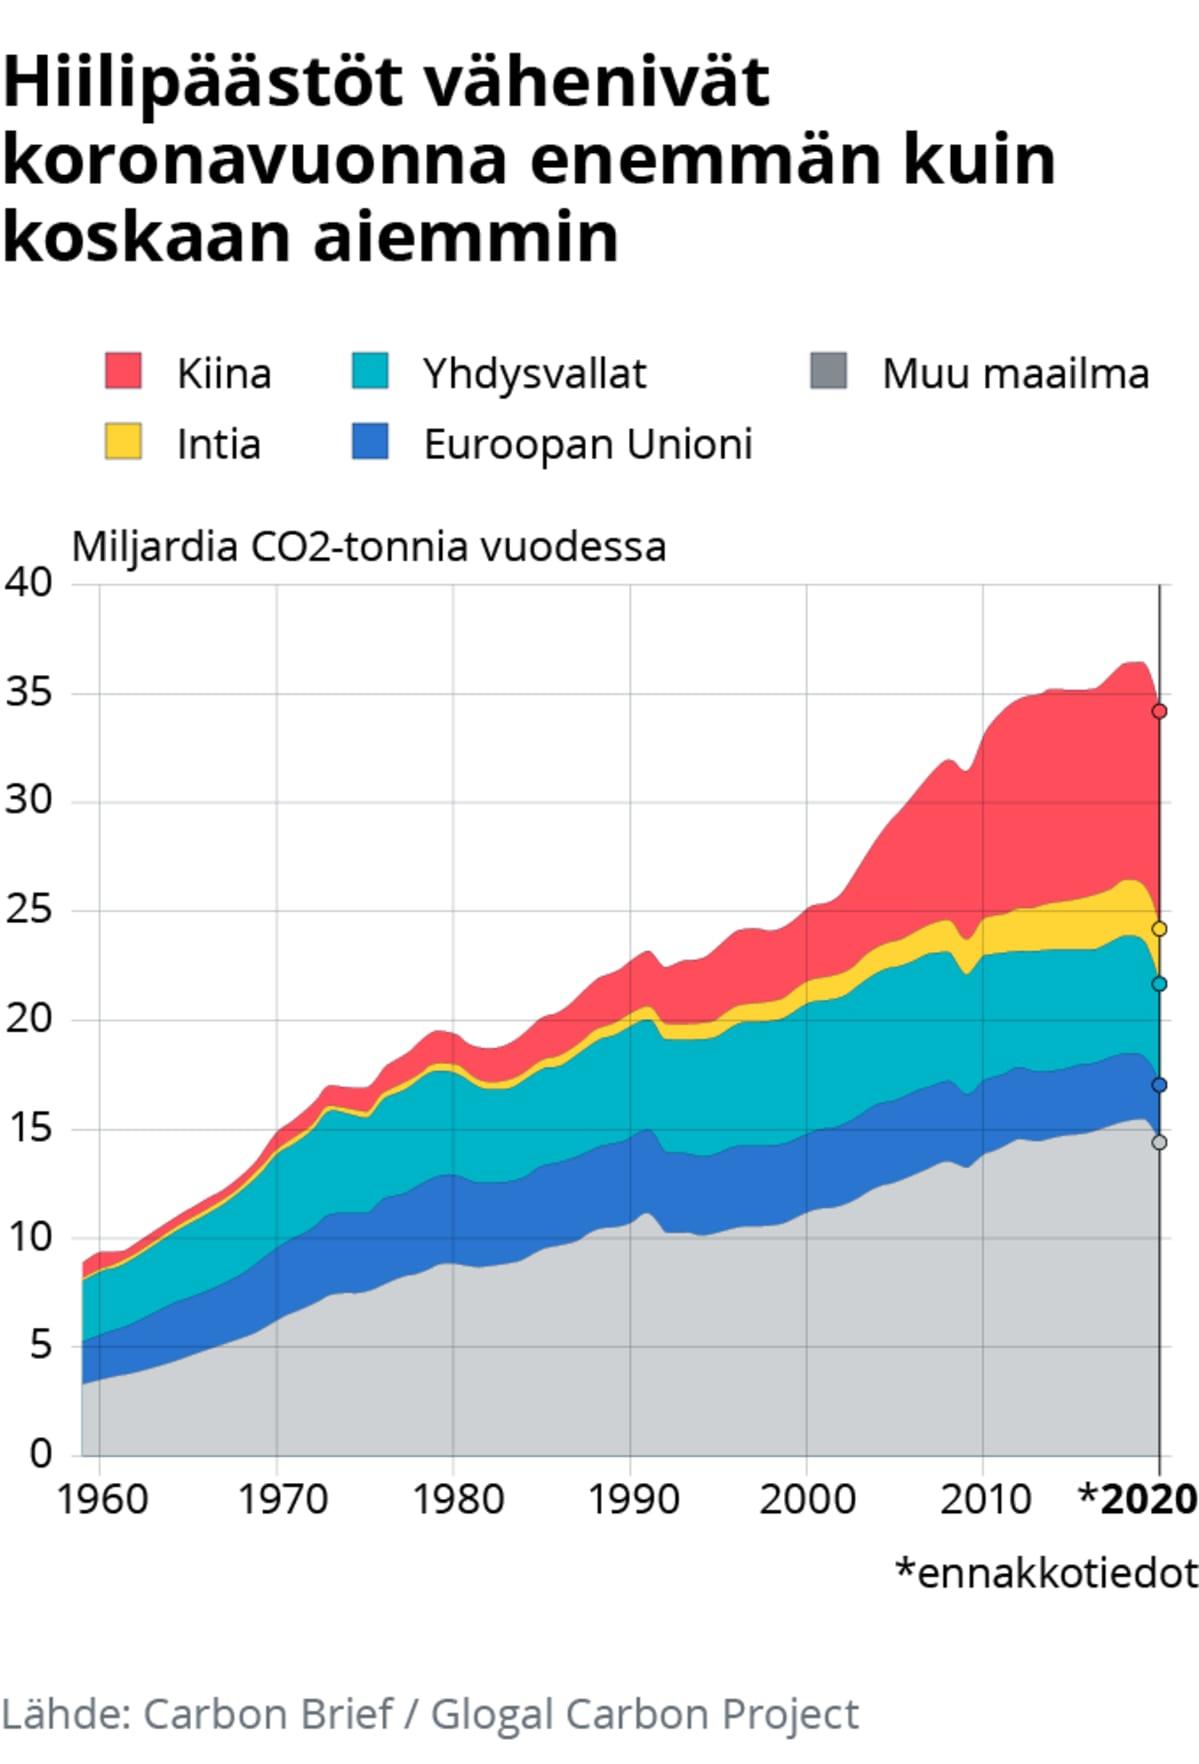 Hiilipäästöt Kiinassa, Intiassa, Yhdysvalloissa, EU:ssa ja muualla maailmassa.